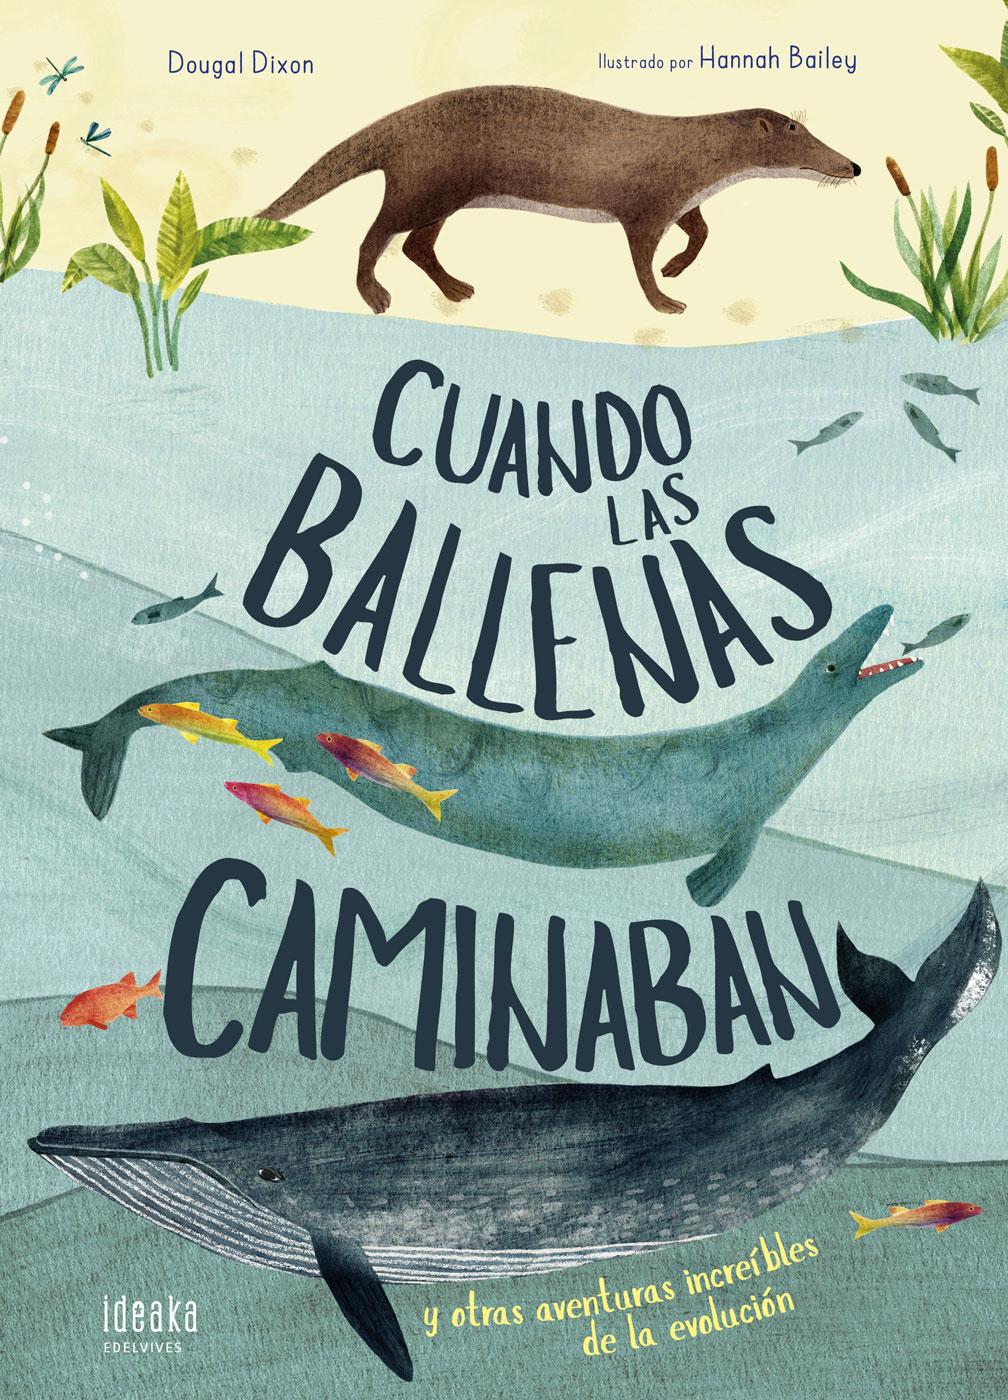 https://www.edelvives.com/es/Catalogo/p/cuando-las-ballenas-caminaban